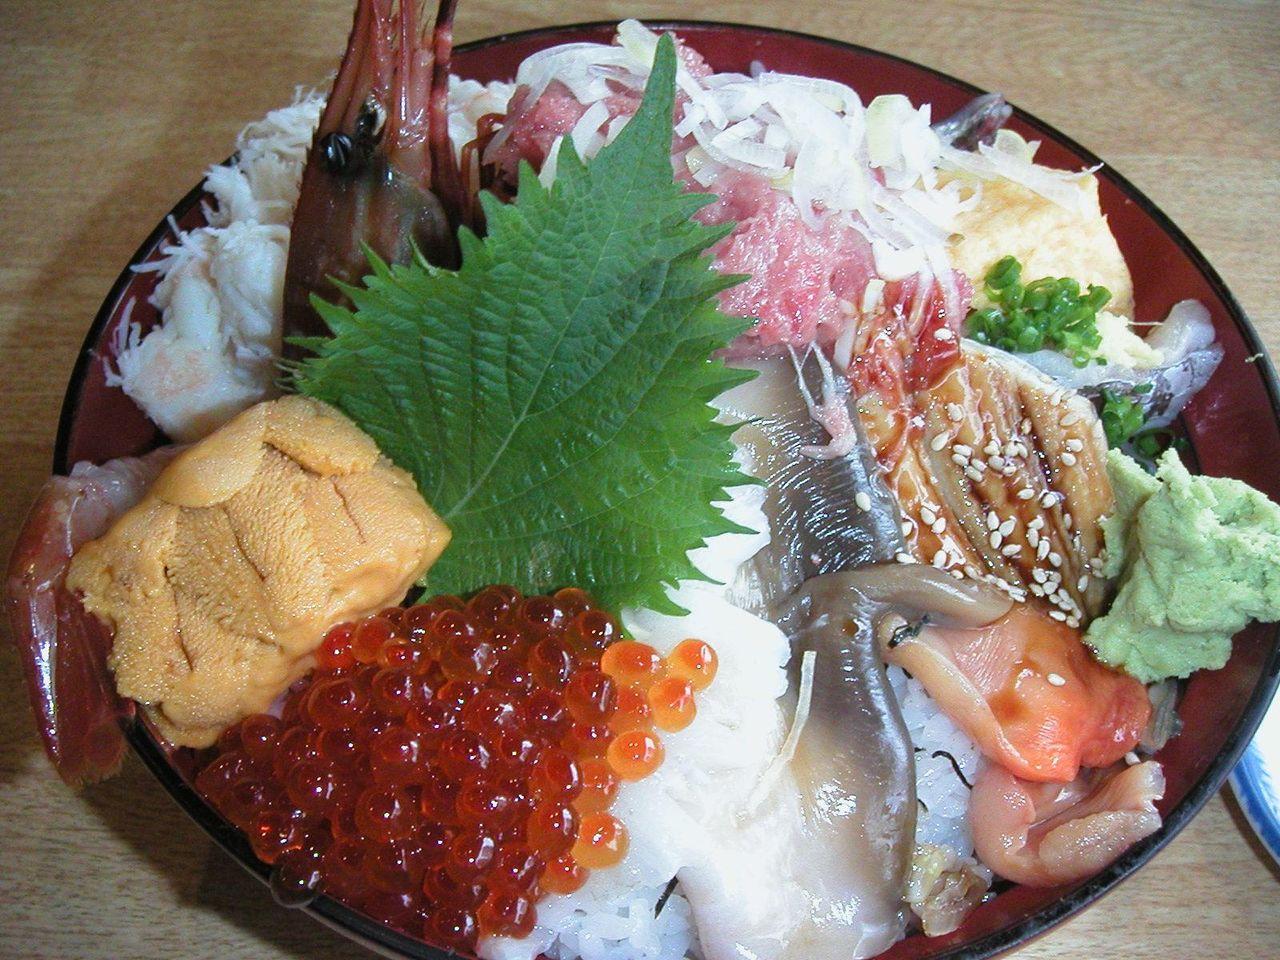 新鮮な魚介が盛りだくさん、しかもデカイ!厳選海鮮丼1,785円